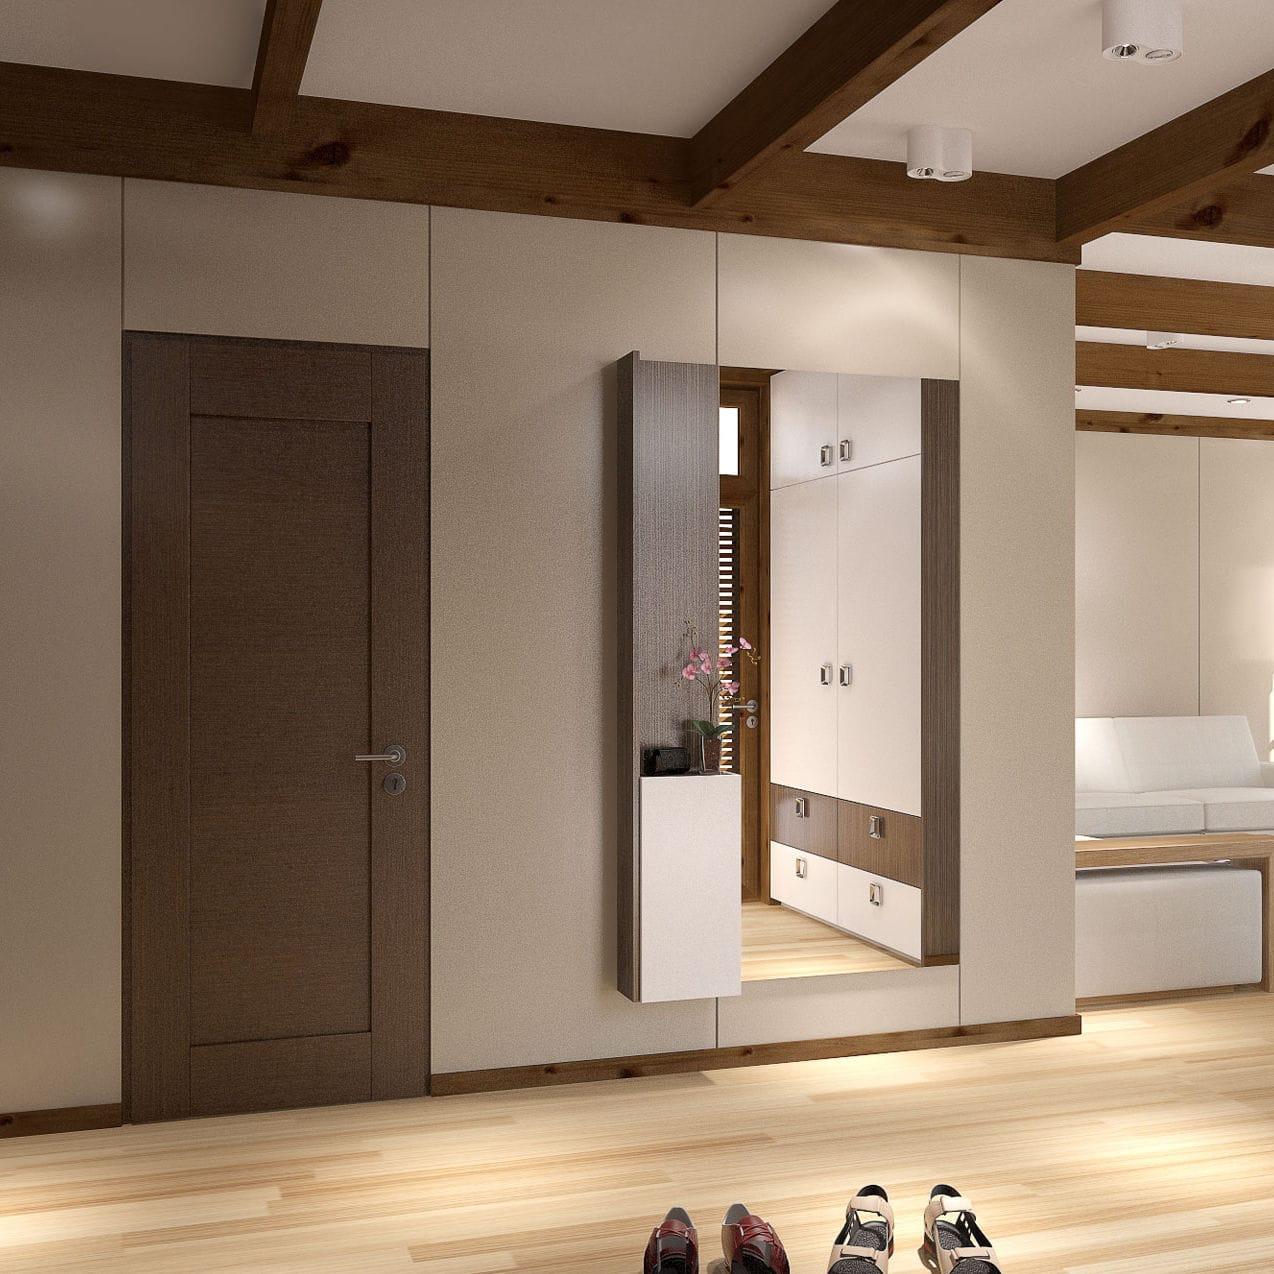 Mueble De Entrada Moderno Mural De Madera Con Espejo  # Muebles Murales